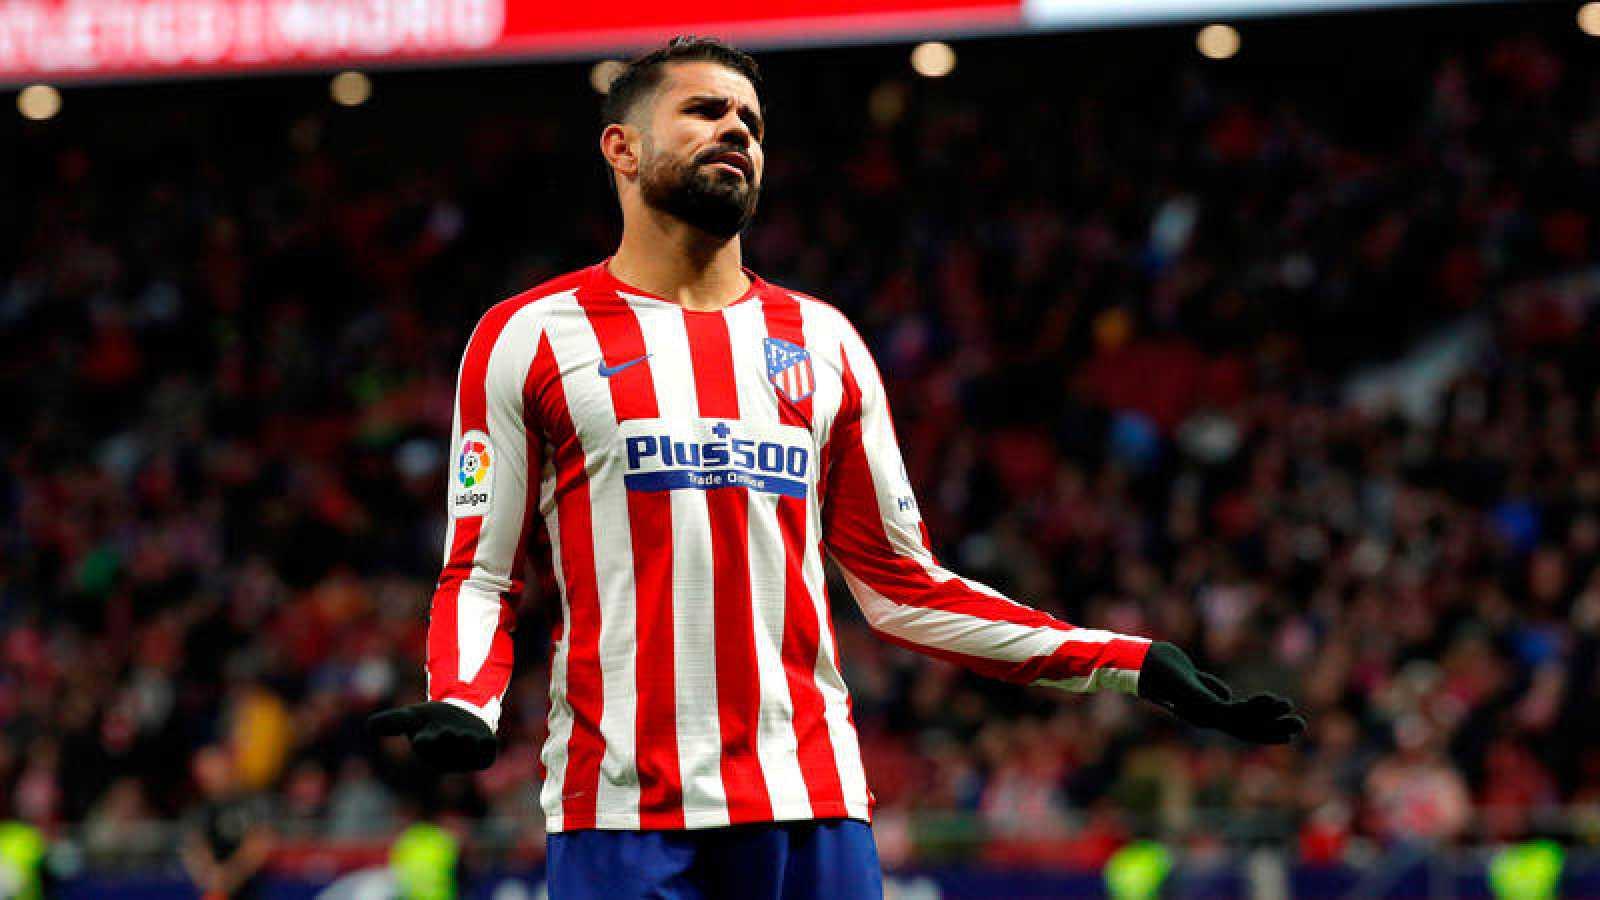 FOTO) La fuerte lesión que tiene Diego Costa | ECUAGOL